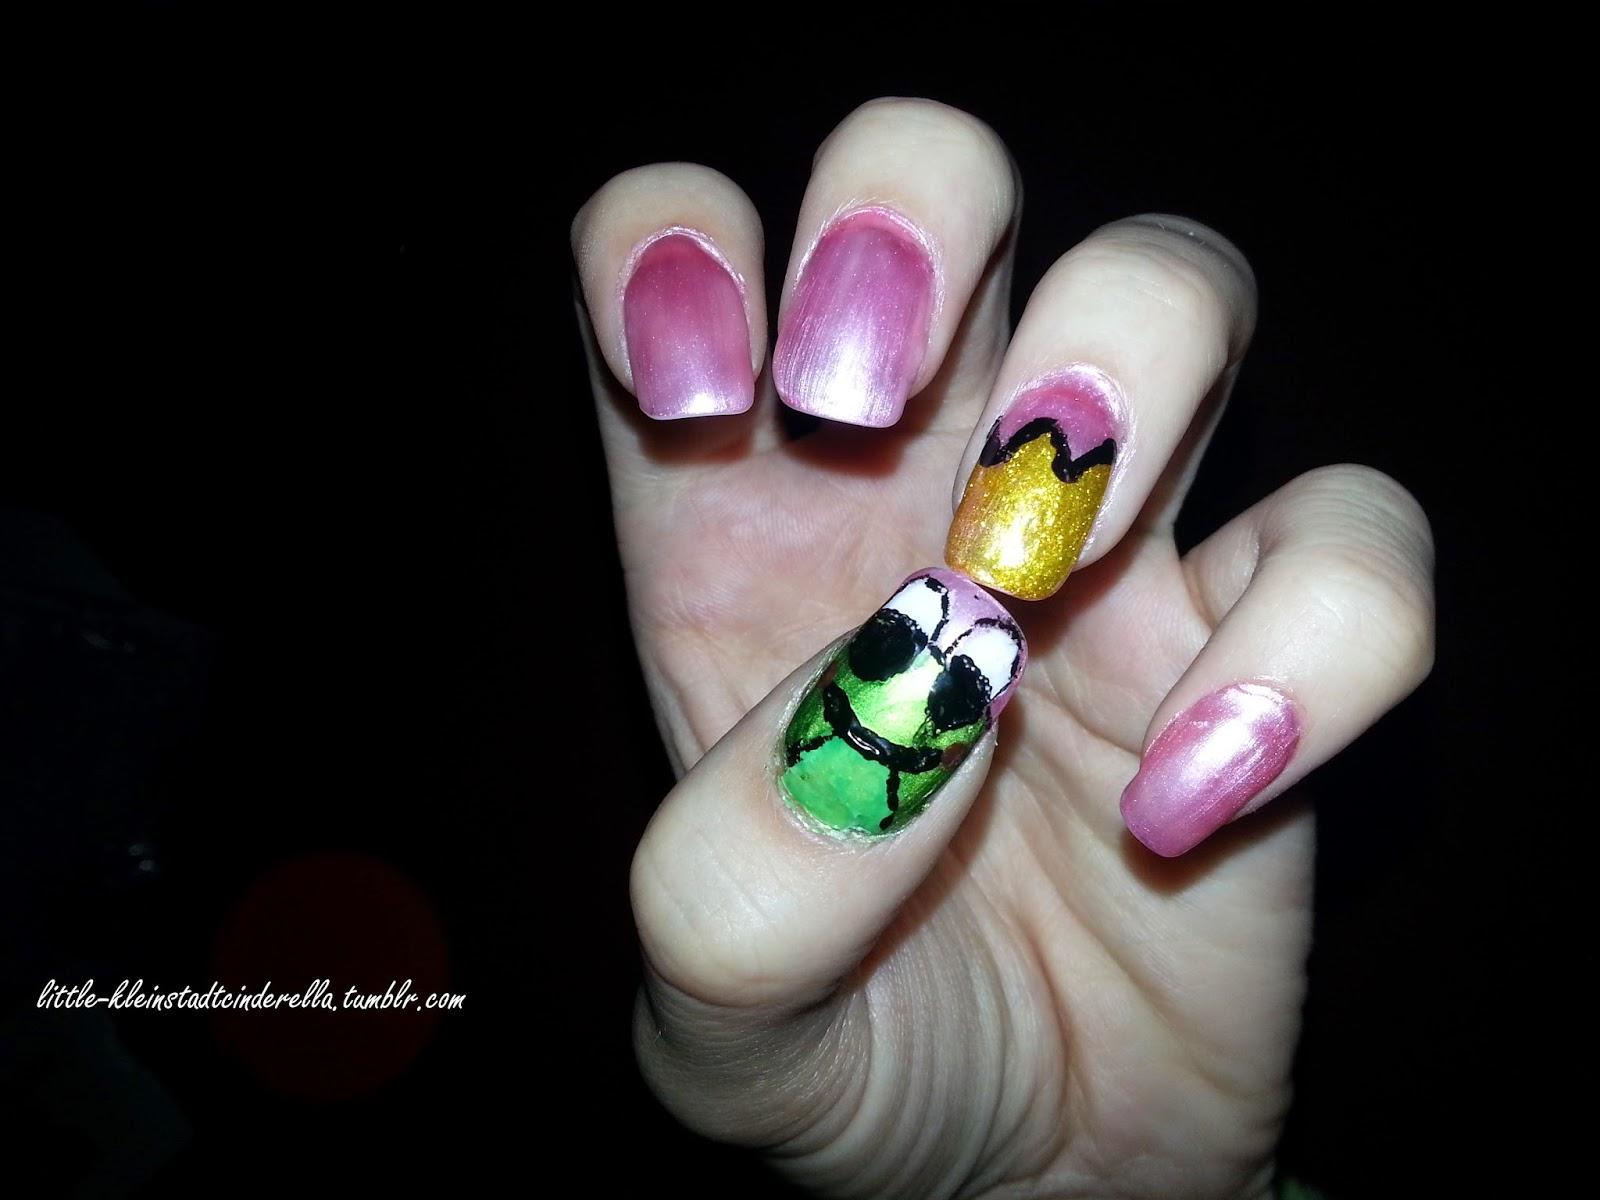 Kleinstadtcinderella´s little Wonderland : Meine Gel-Nägel